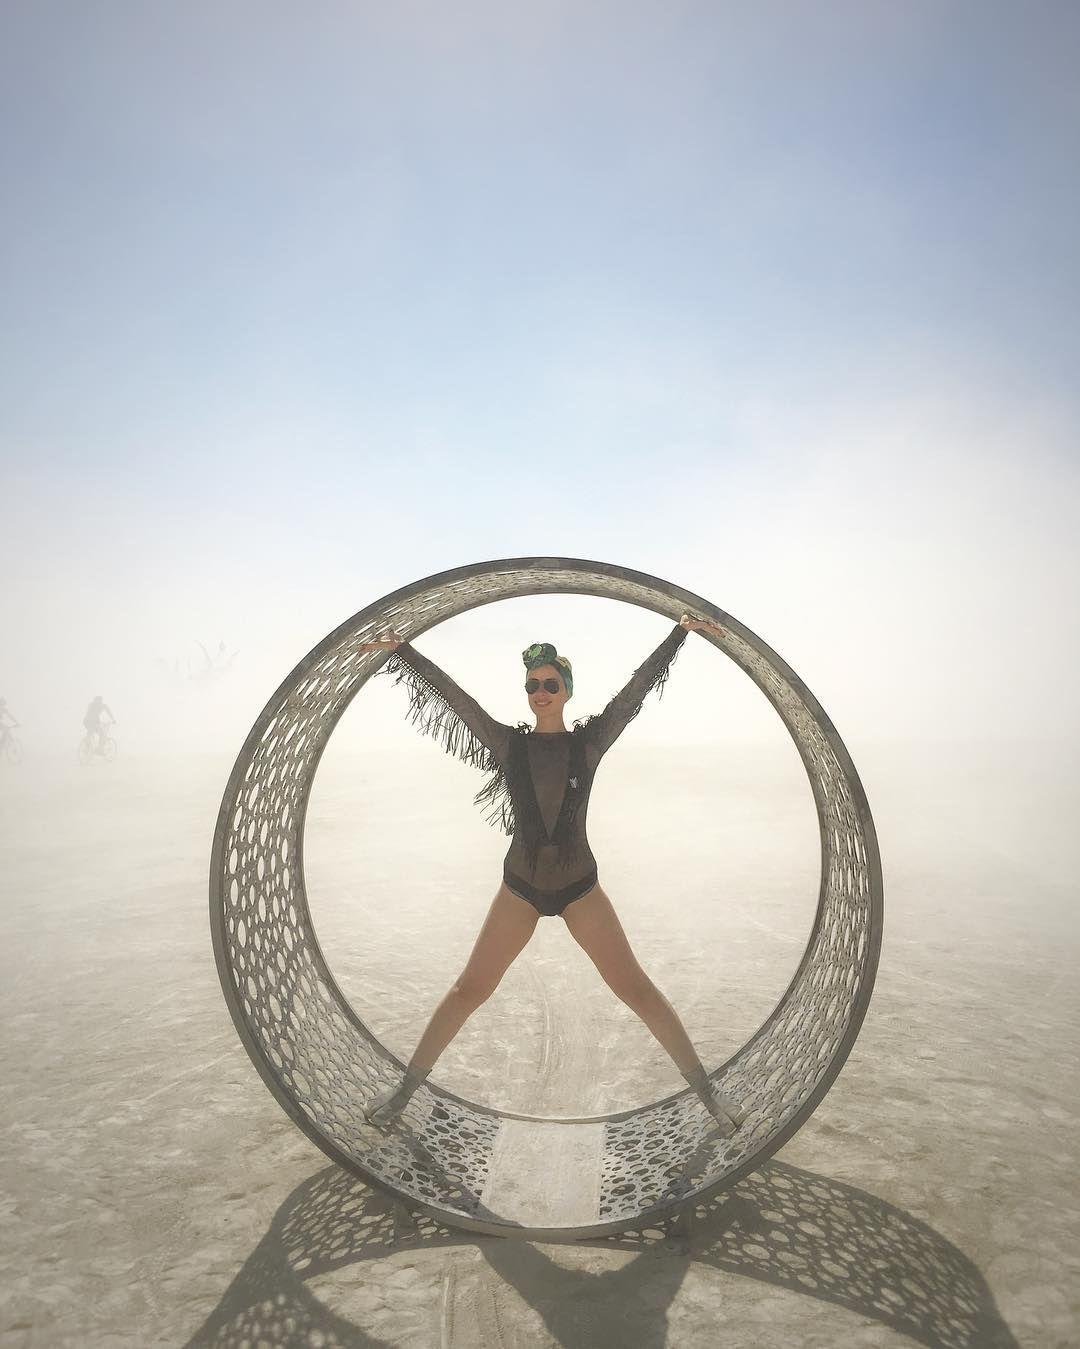 Пилюка, голі тіла та сучасне мистецтво: круті фото з фестивалю Burning Man 2017 - фото 336387